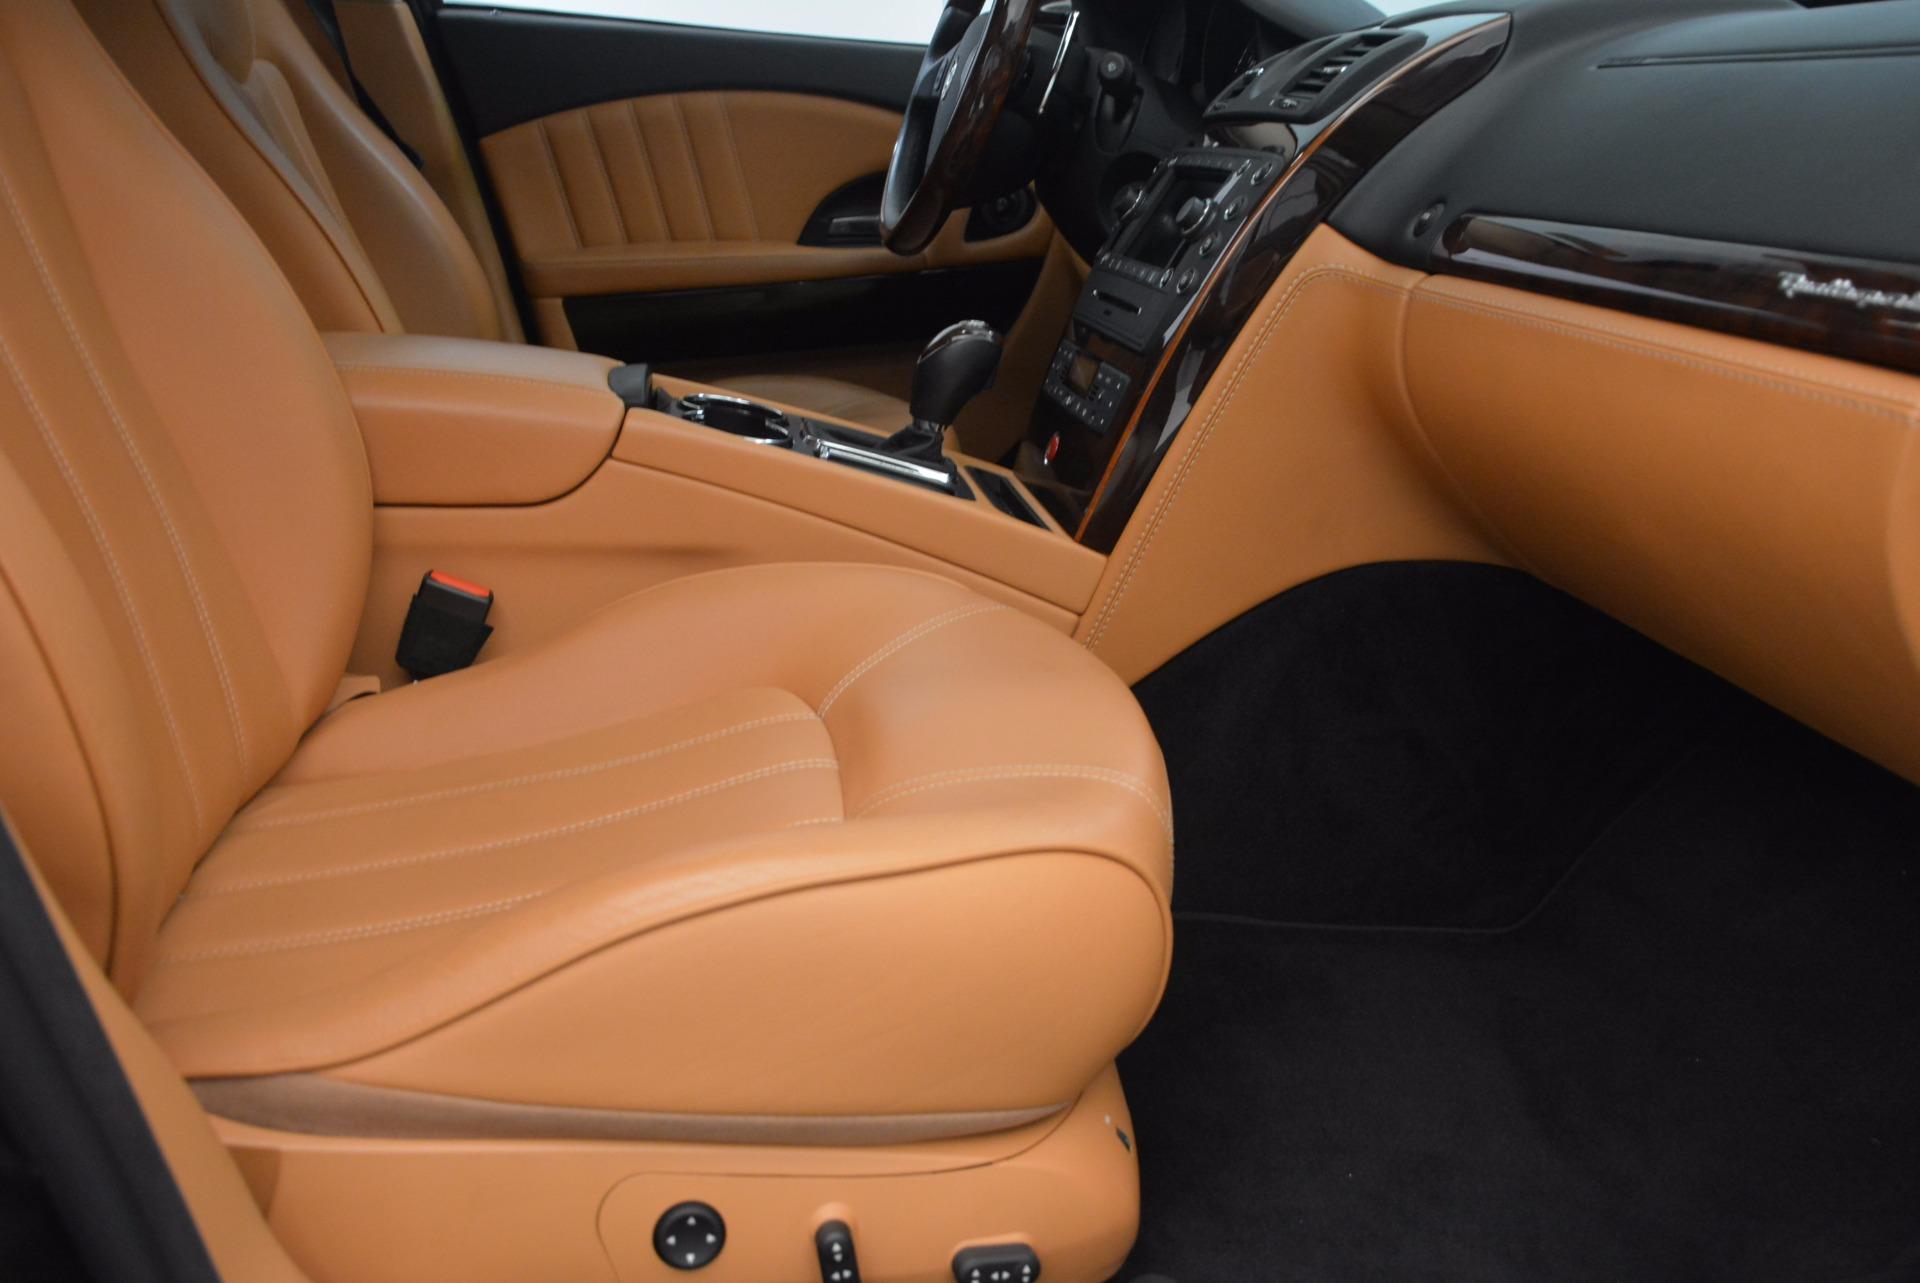 Used 2010 Maserati Quattroporte S For Sale In Greenwich, CT 1551_p35